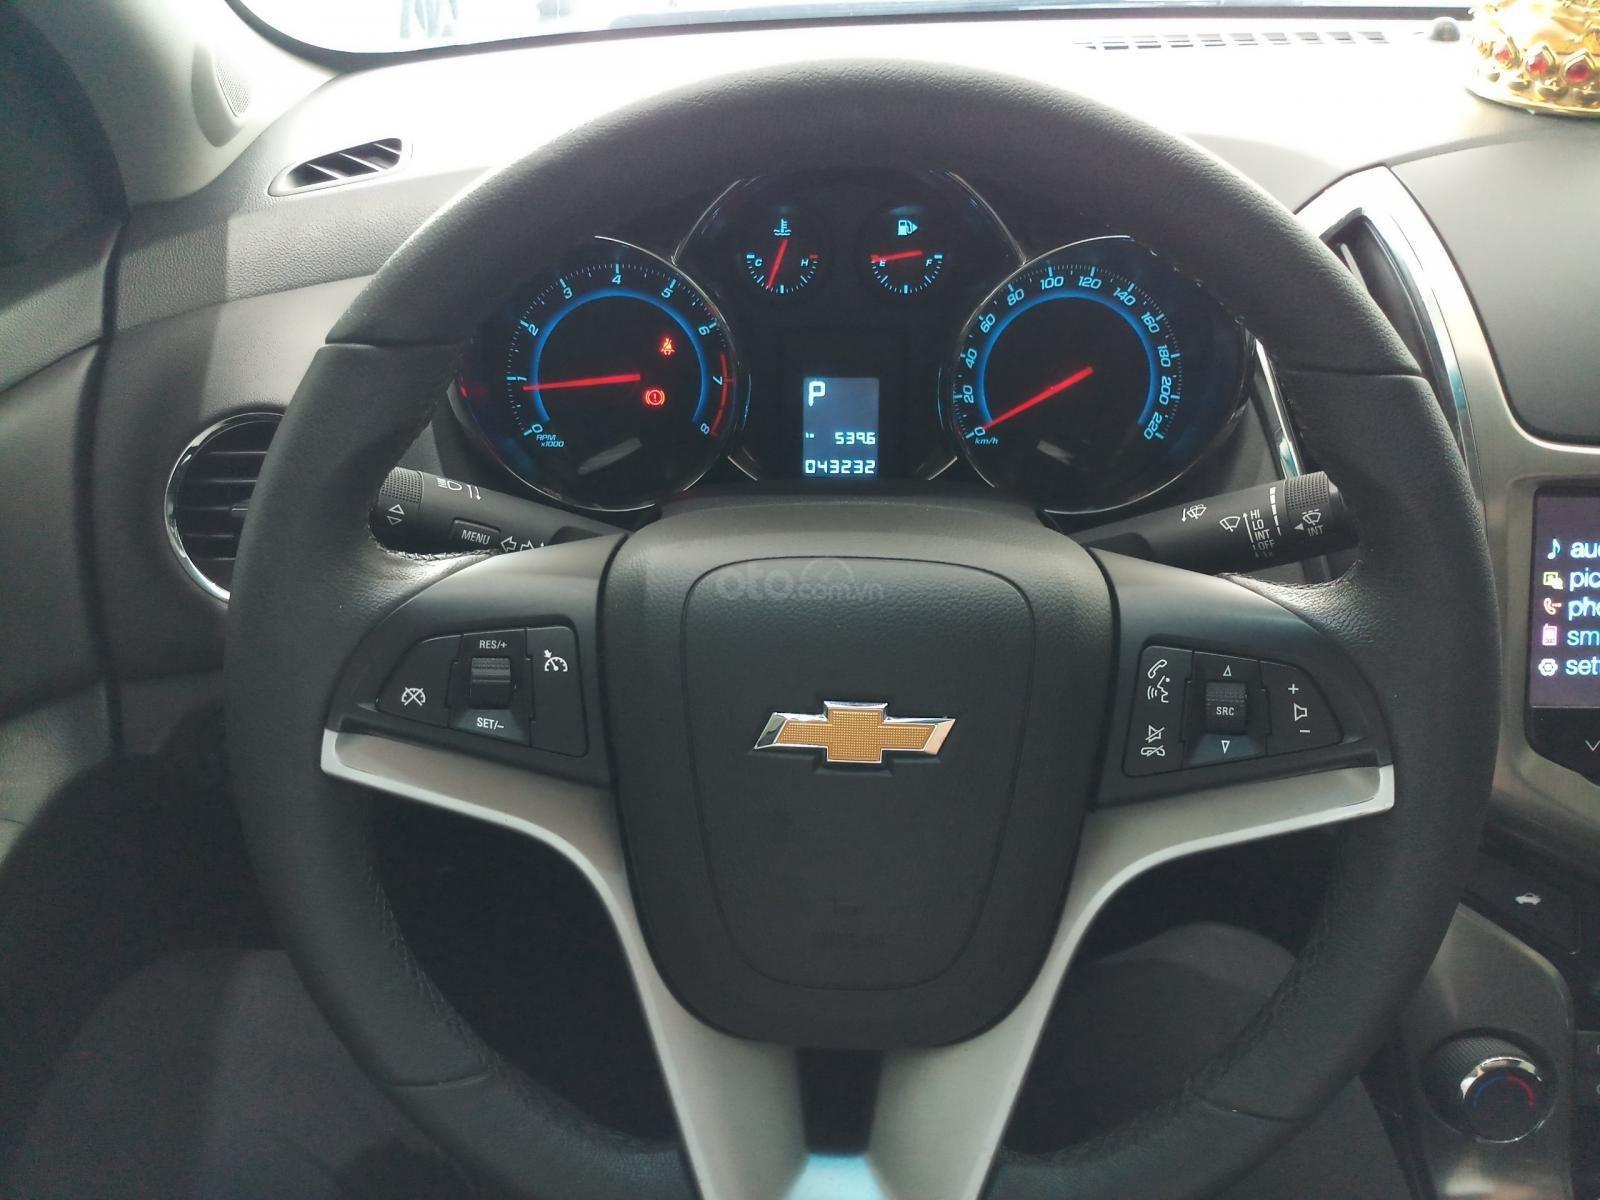 Bán Chevrolet Cruze LTZ 1.8L đời 2017, màu đen, 490tr TL (11)